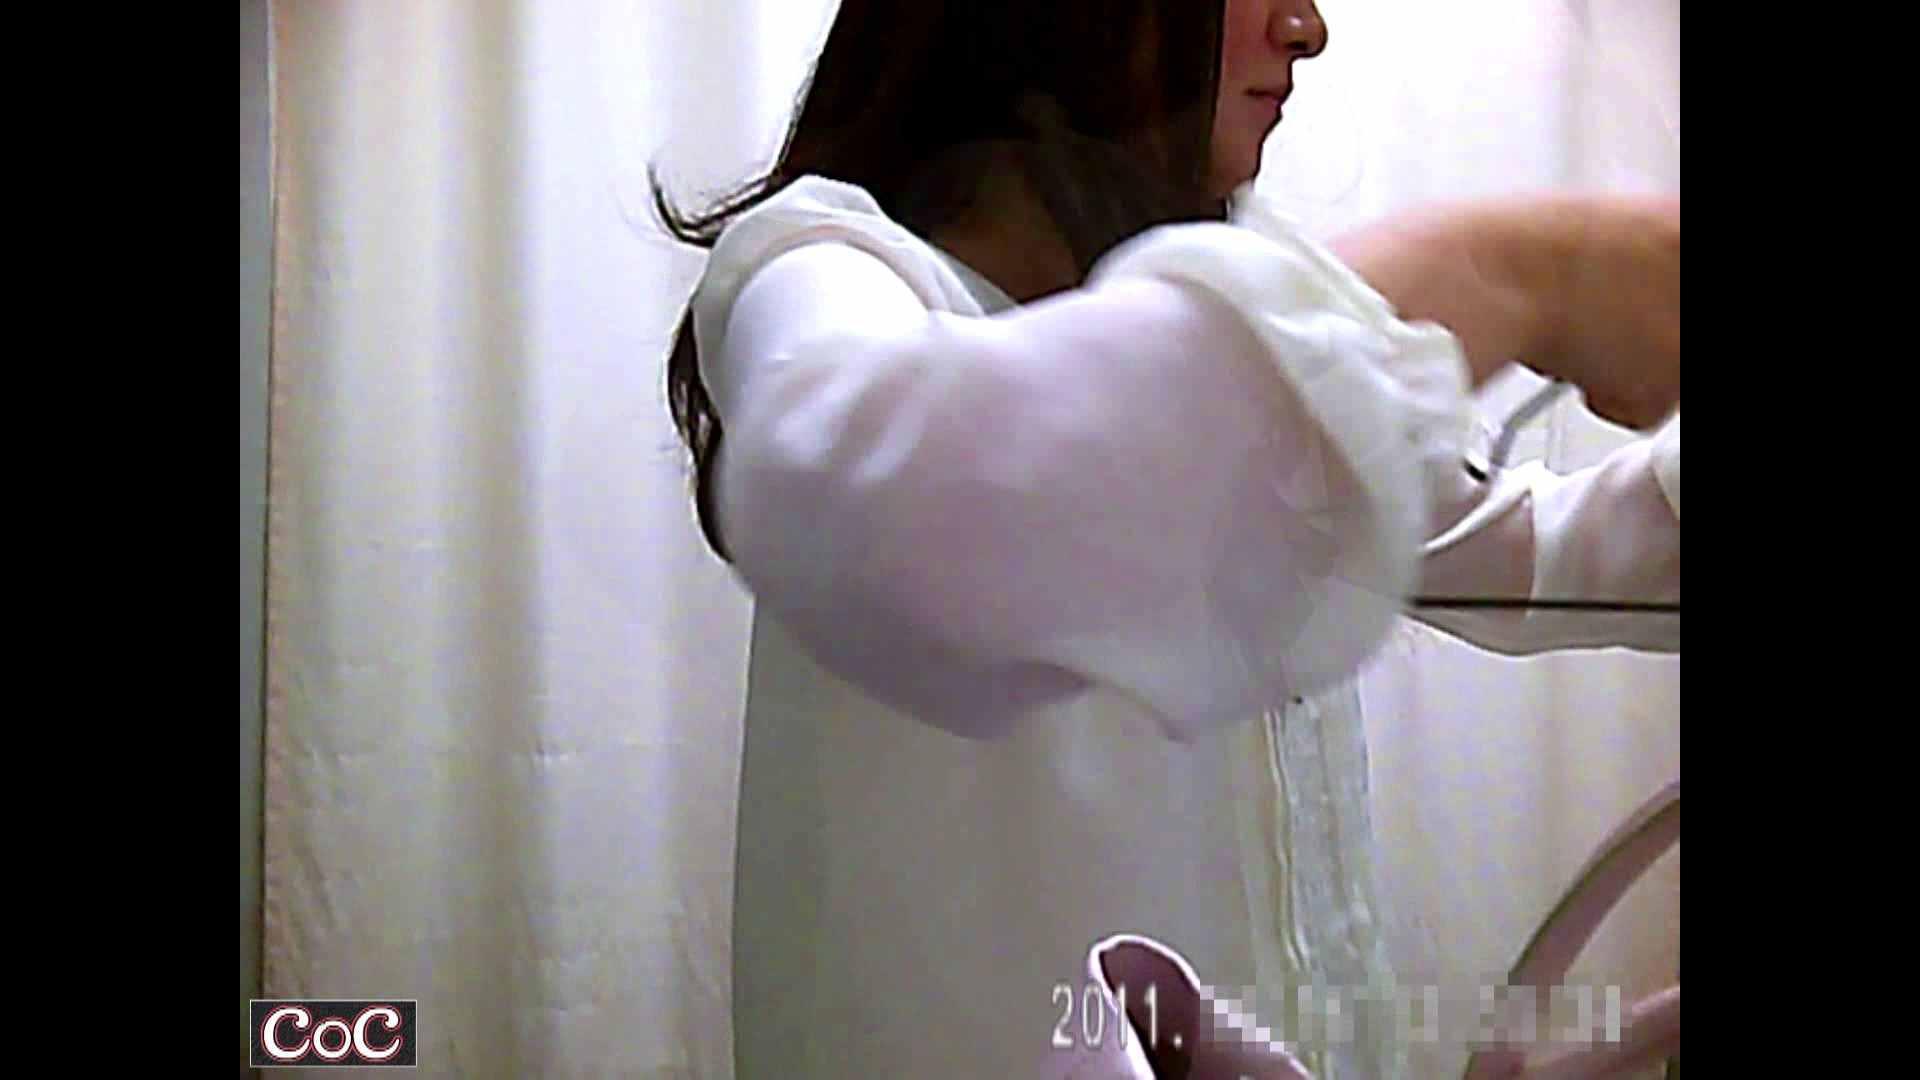 病院おもいっきり着替え! vol.93 乳首 盗み撮り動画キャプチャ 103pic 25